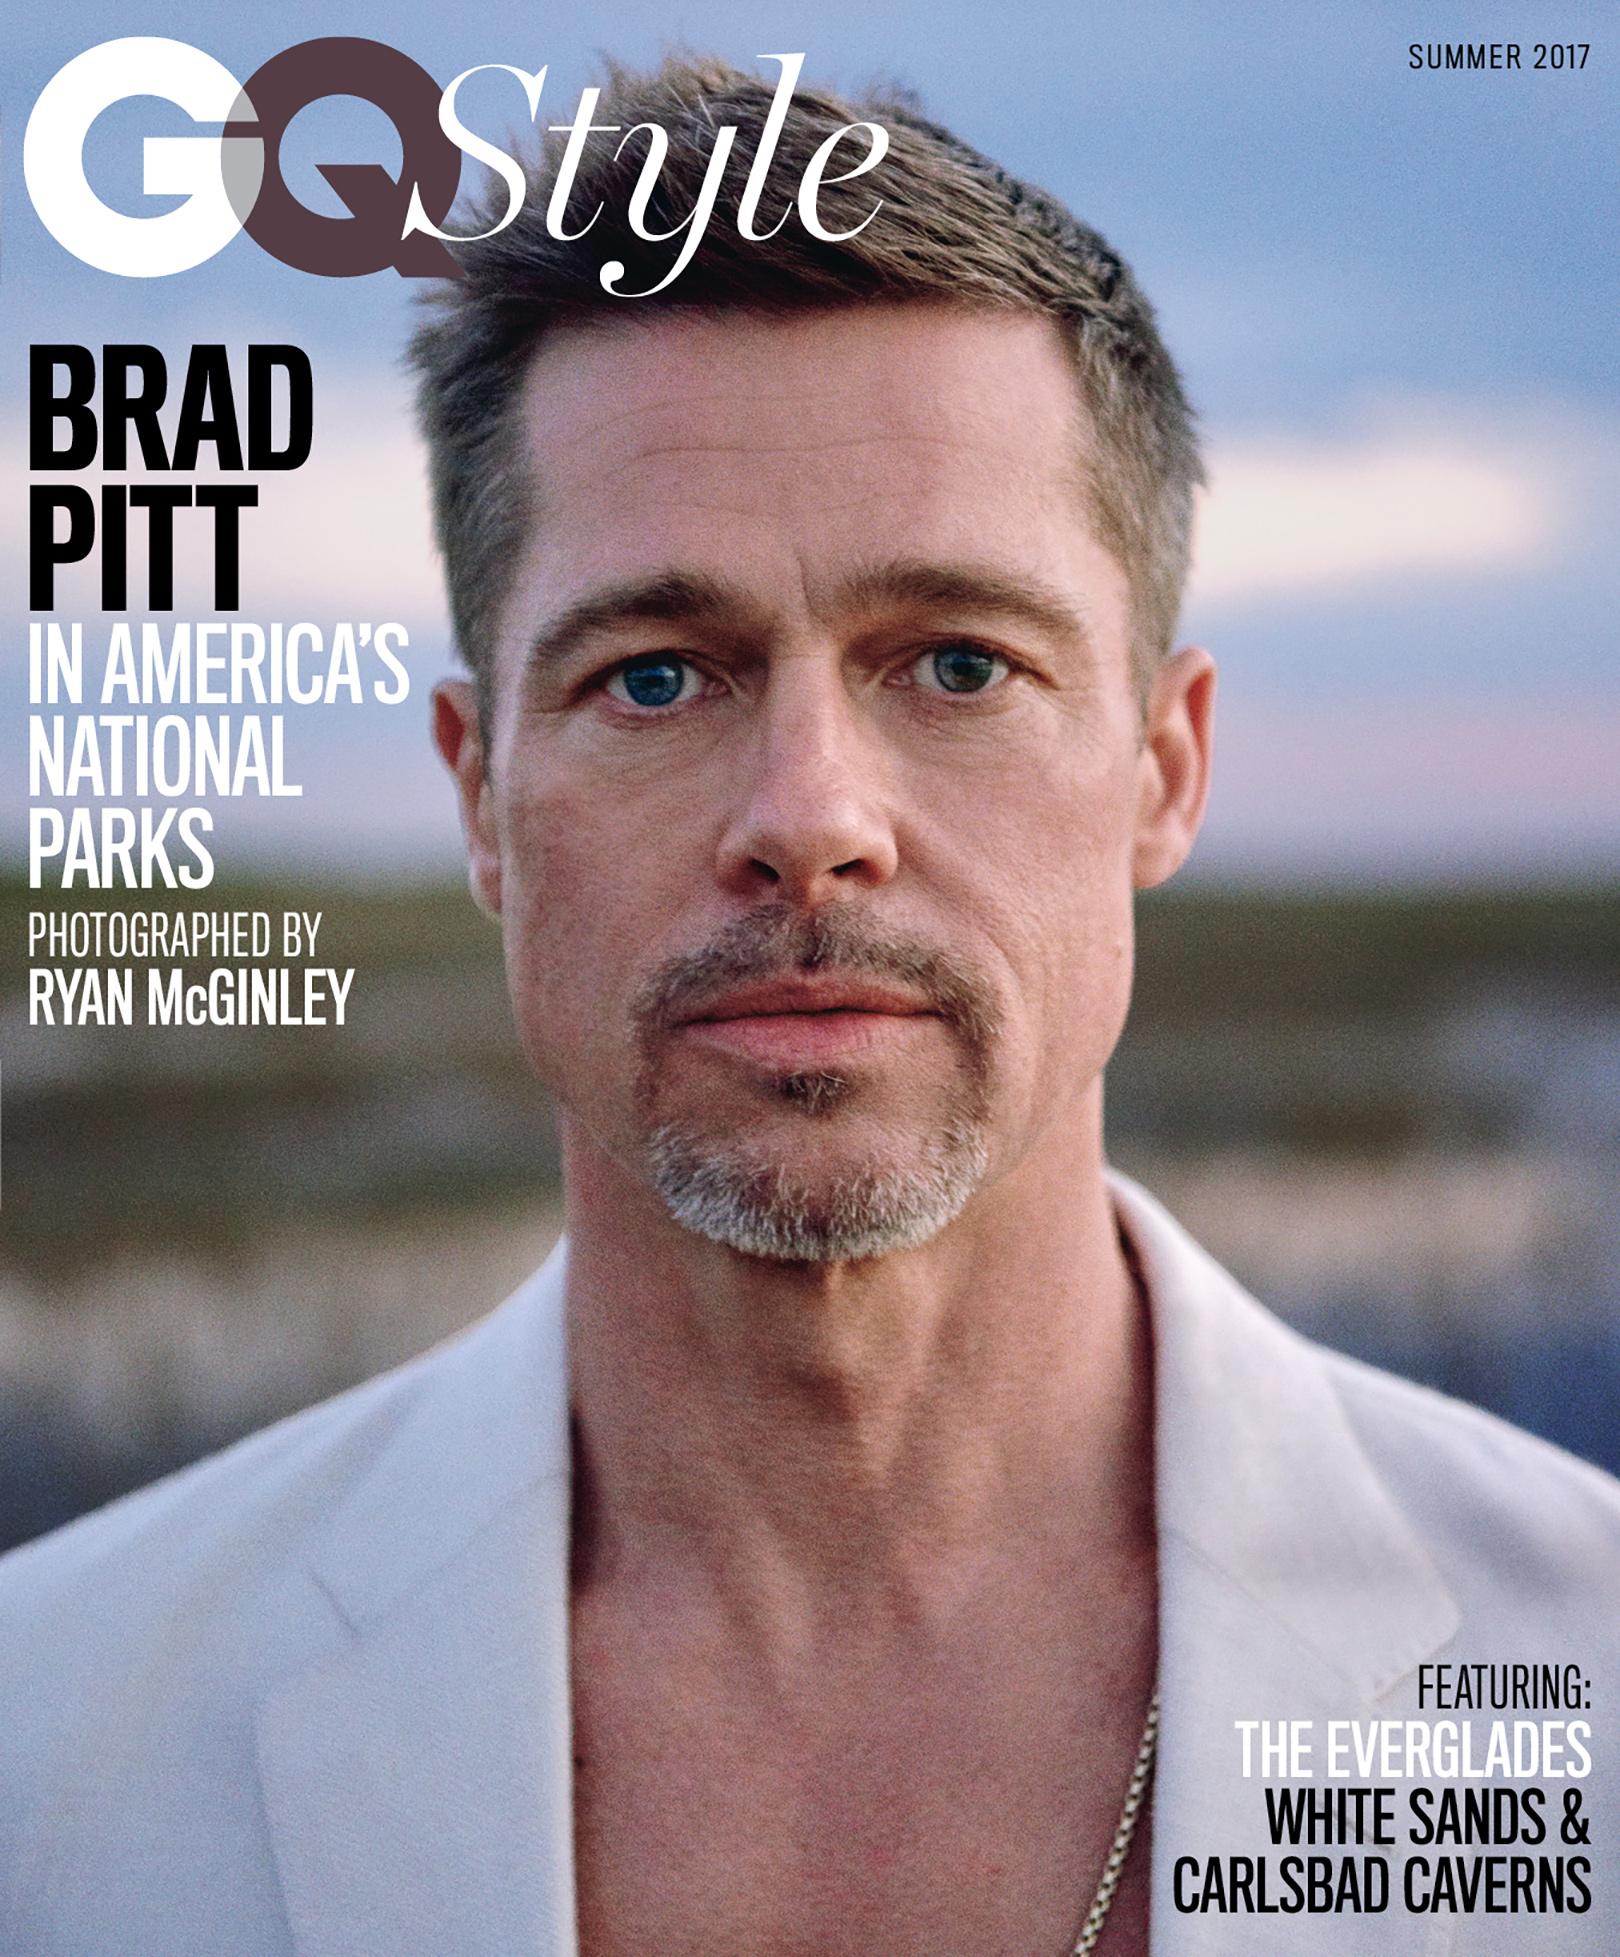 Brad_pitt_GQ_cover1